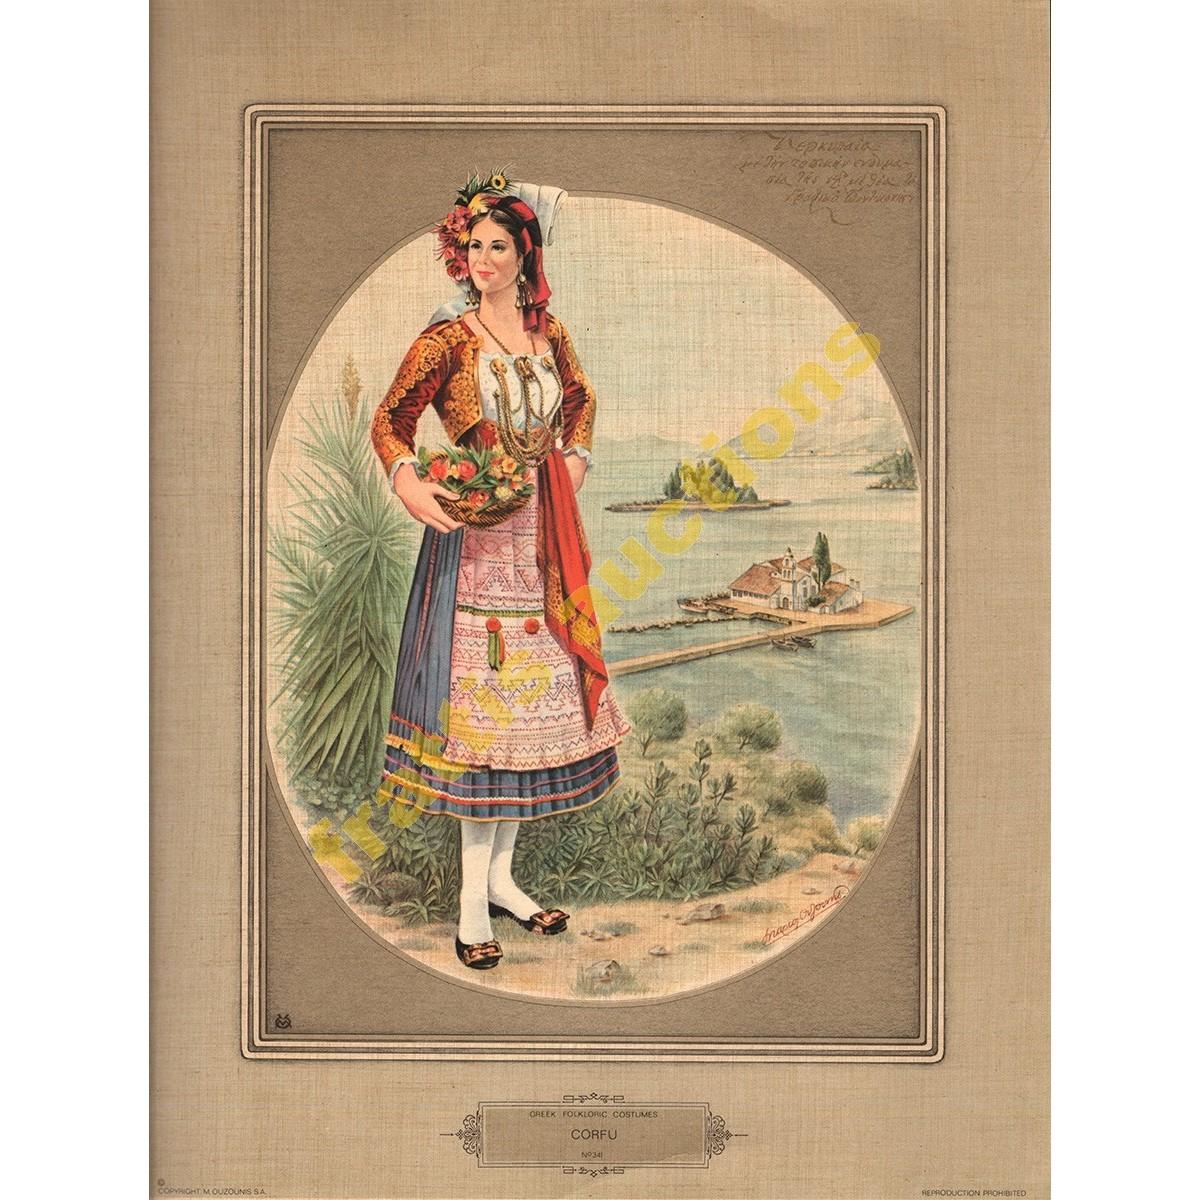 ΚΕΡΚΥΡΑ Αφίσσα Γυναίκας με Παραδοσιακή Φορεσιά.